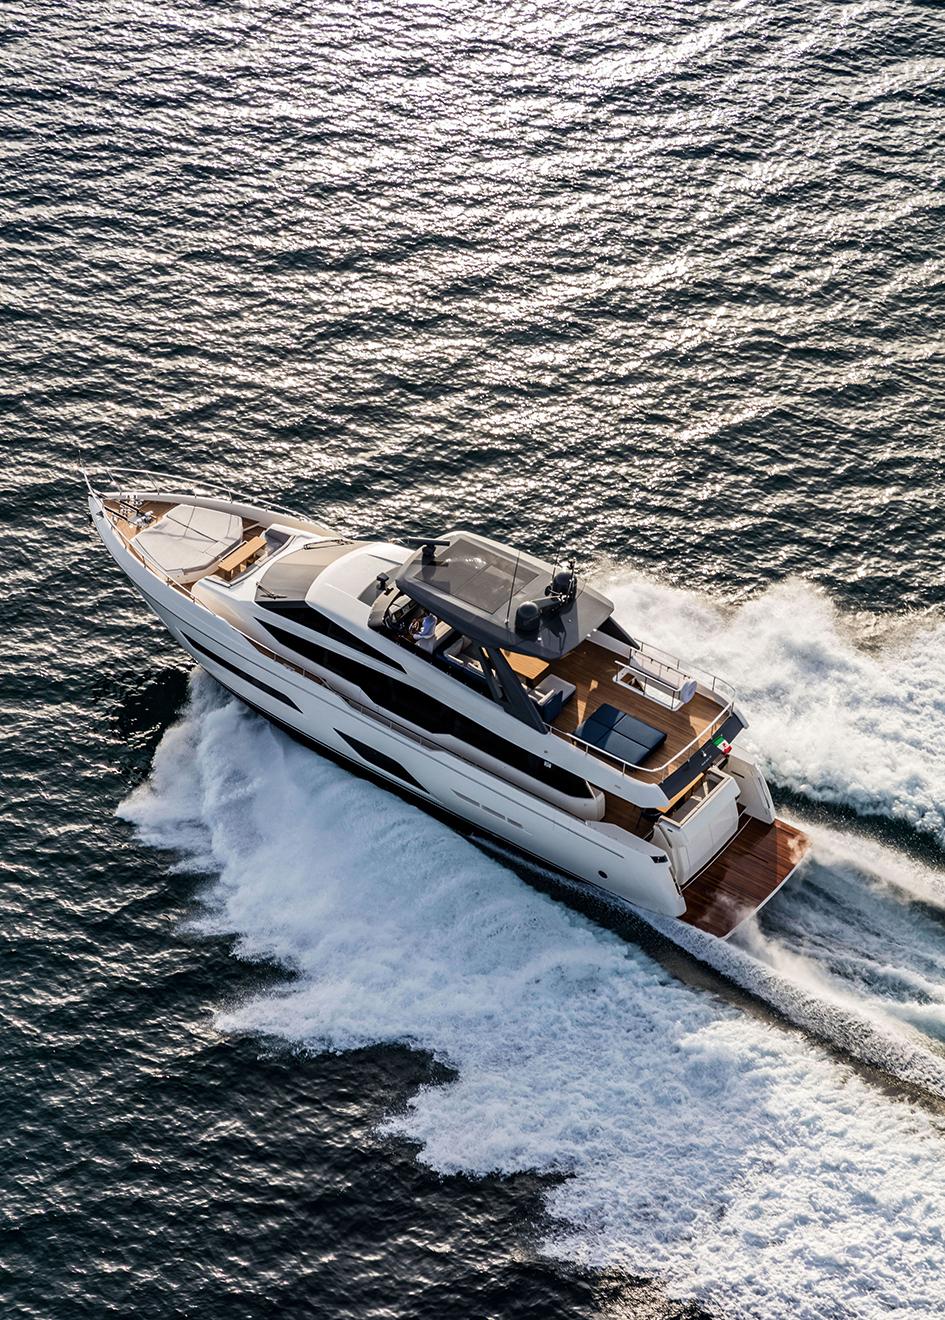 aerial-running-shot-of-the-ferretti-yachts-780